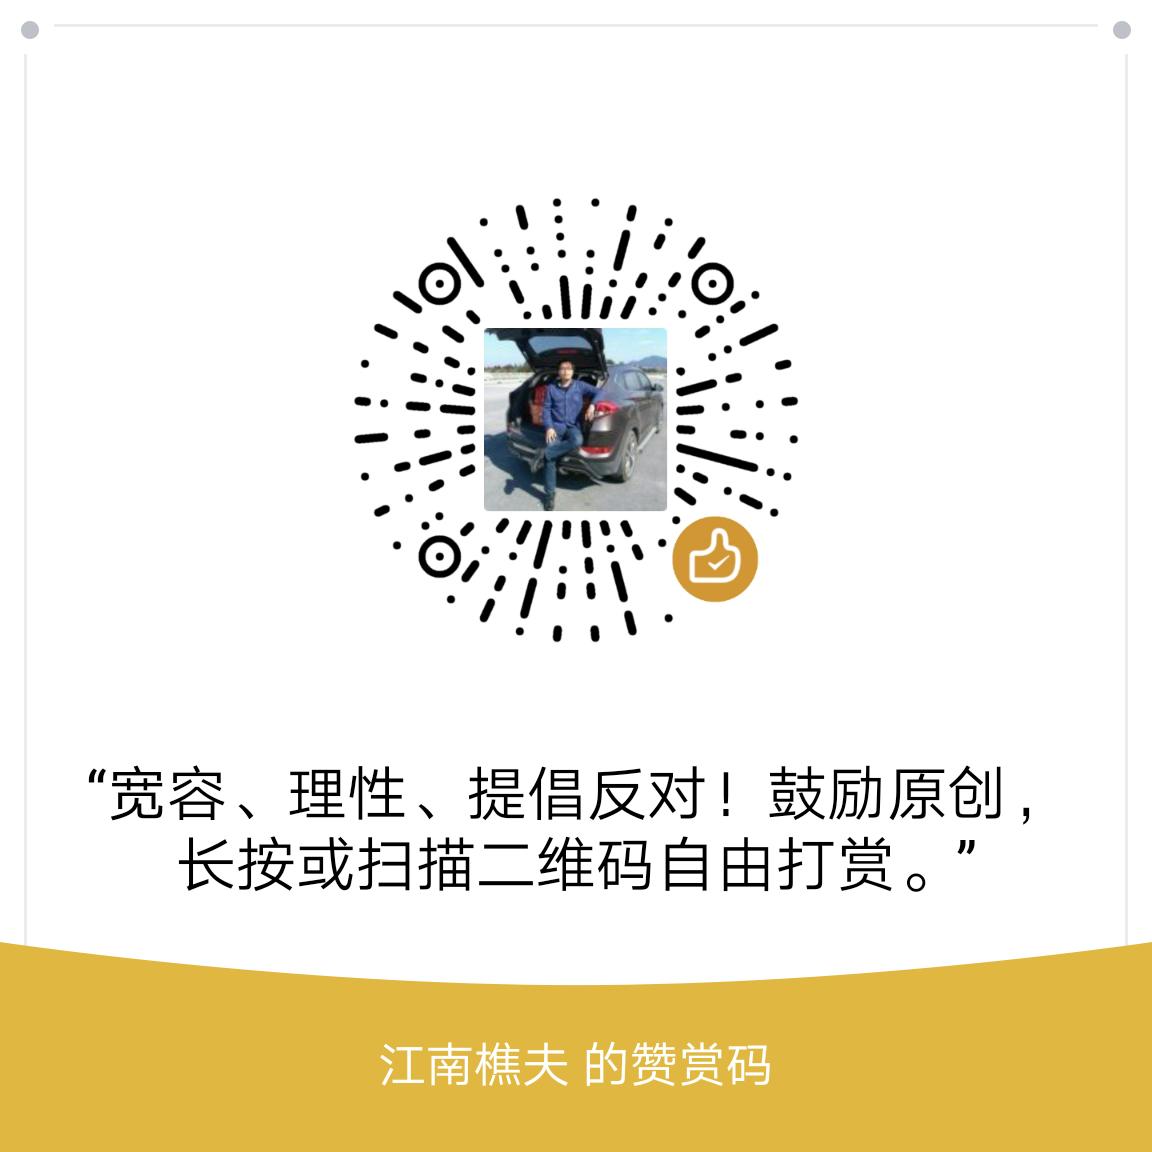 内忧外患之际中国或提前复辟公有制_图1-2